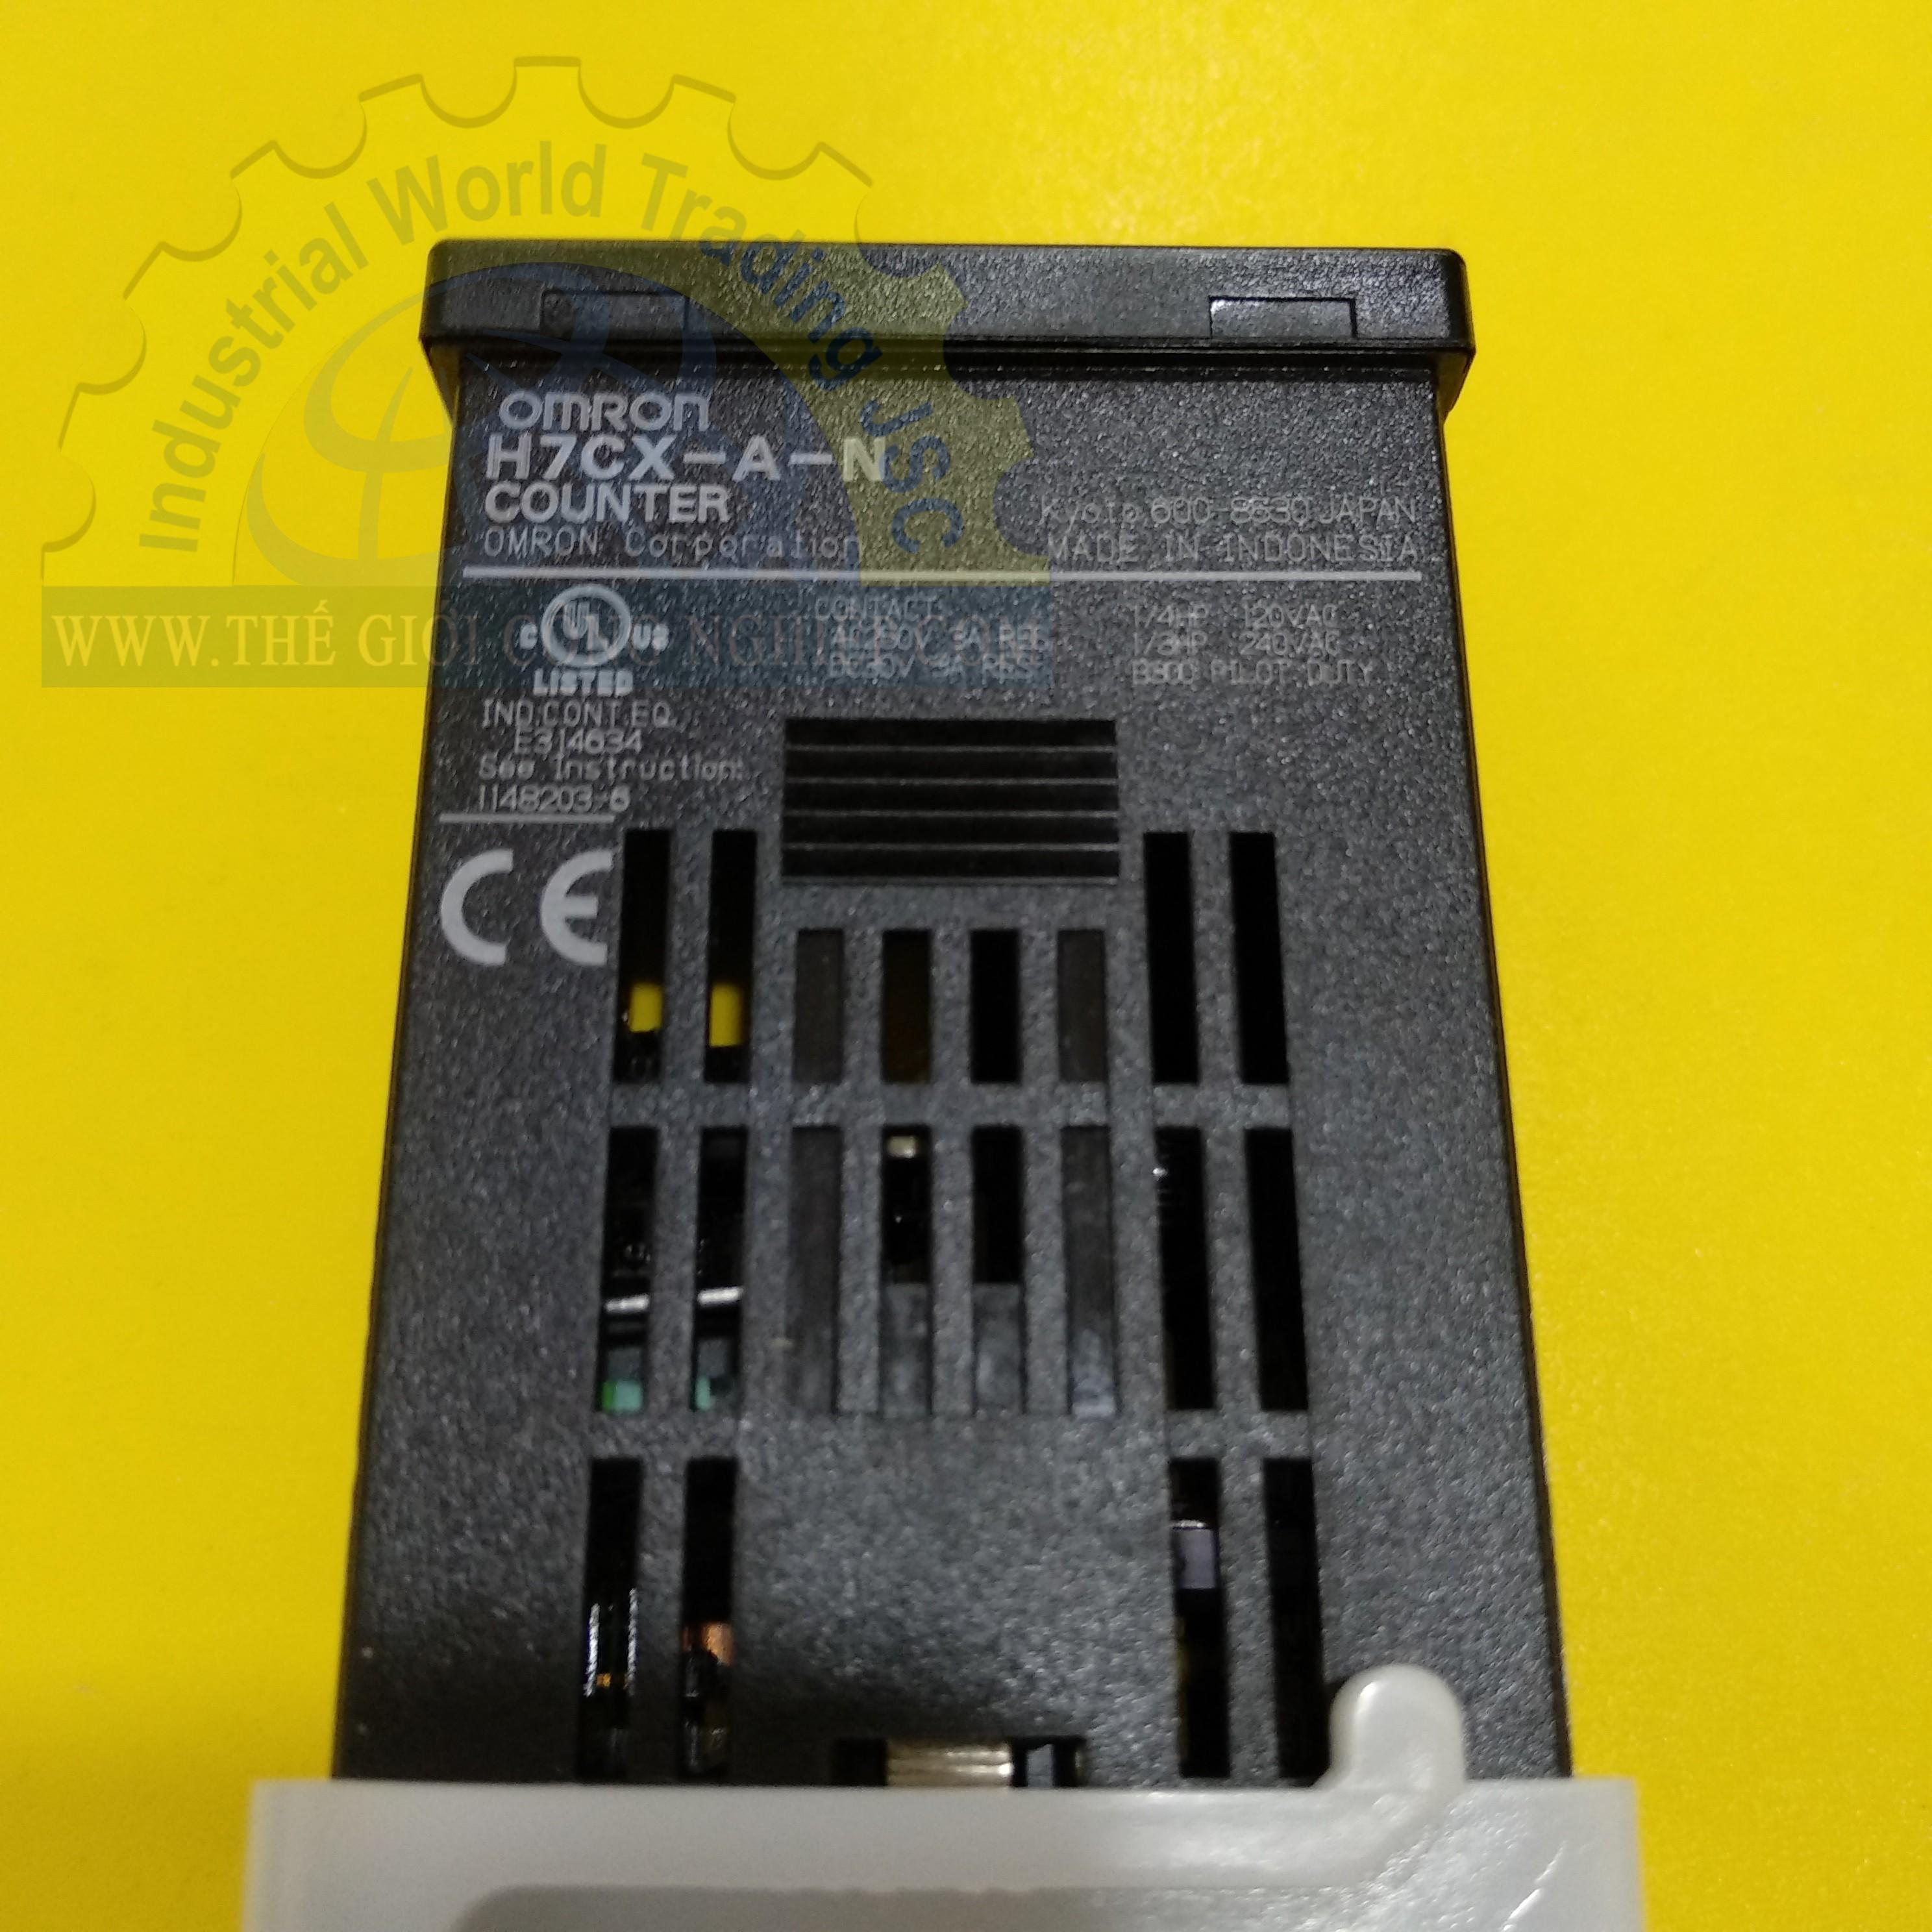 Bộ đếm thời gian  H7CX-A-N Omron